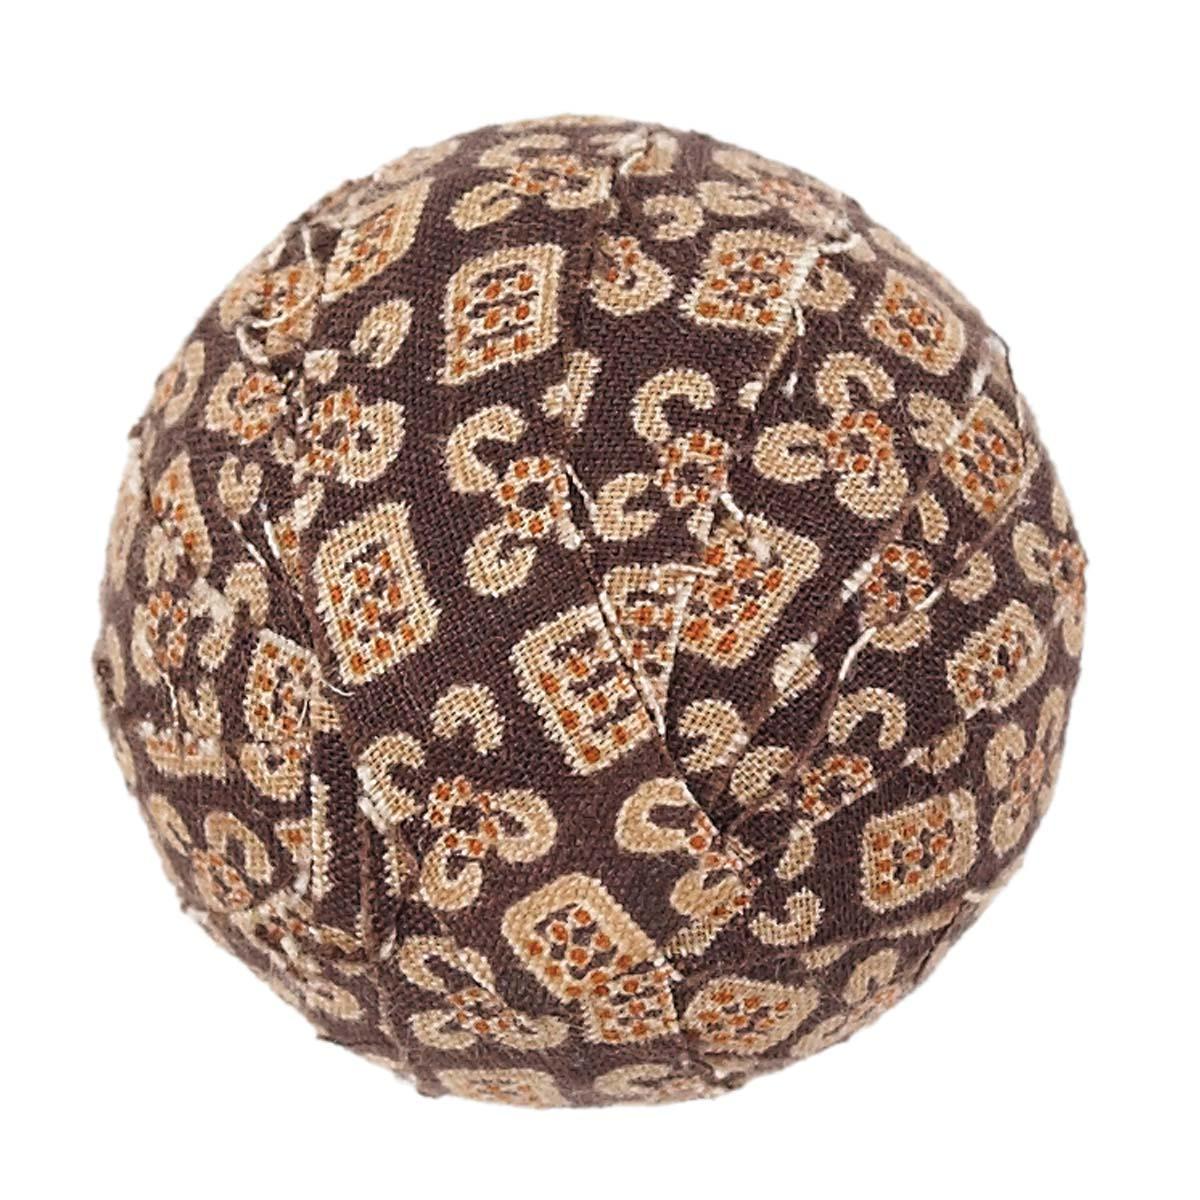 Tacoma Fabric Ball #10-1.5